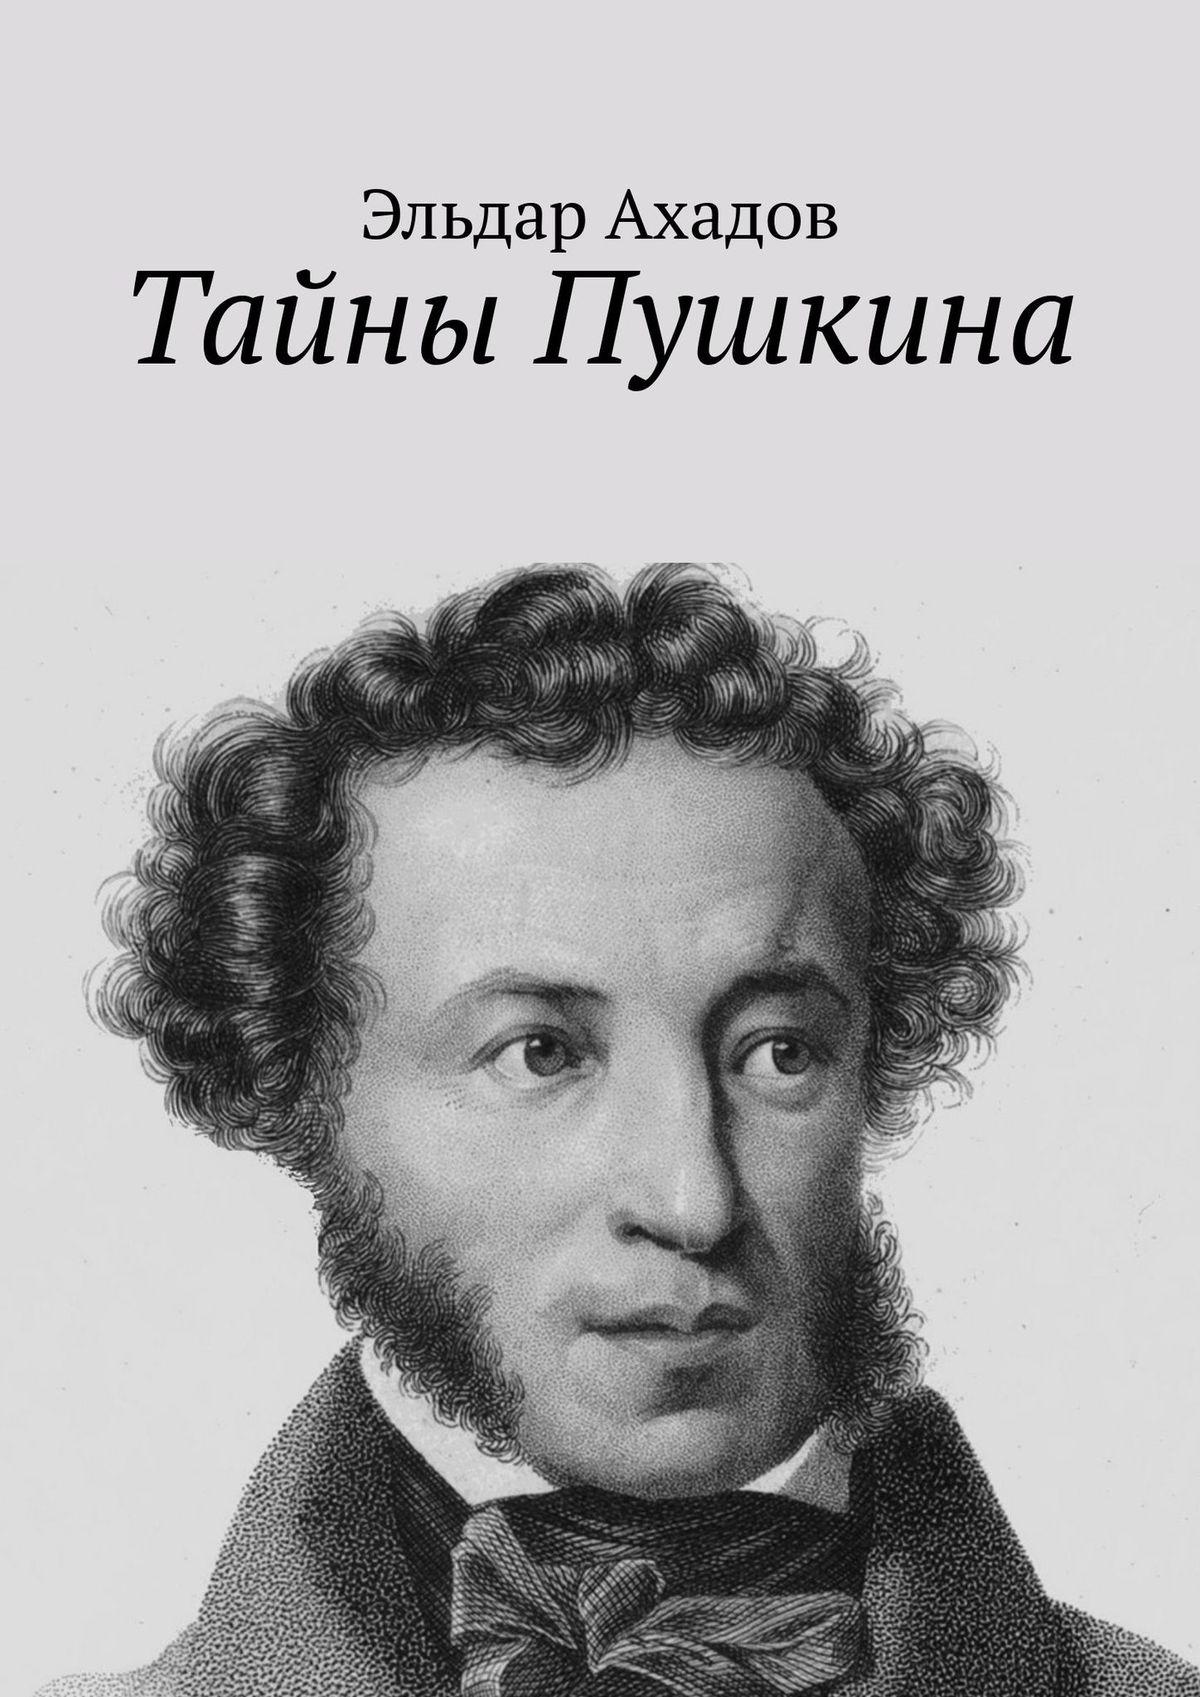 Тайны Пушкина ( Эльдар Ахадов  )